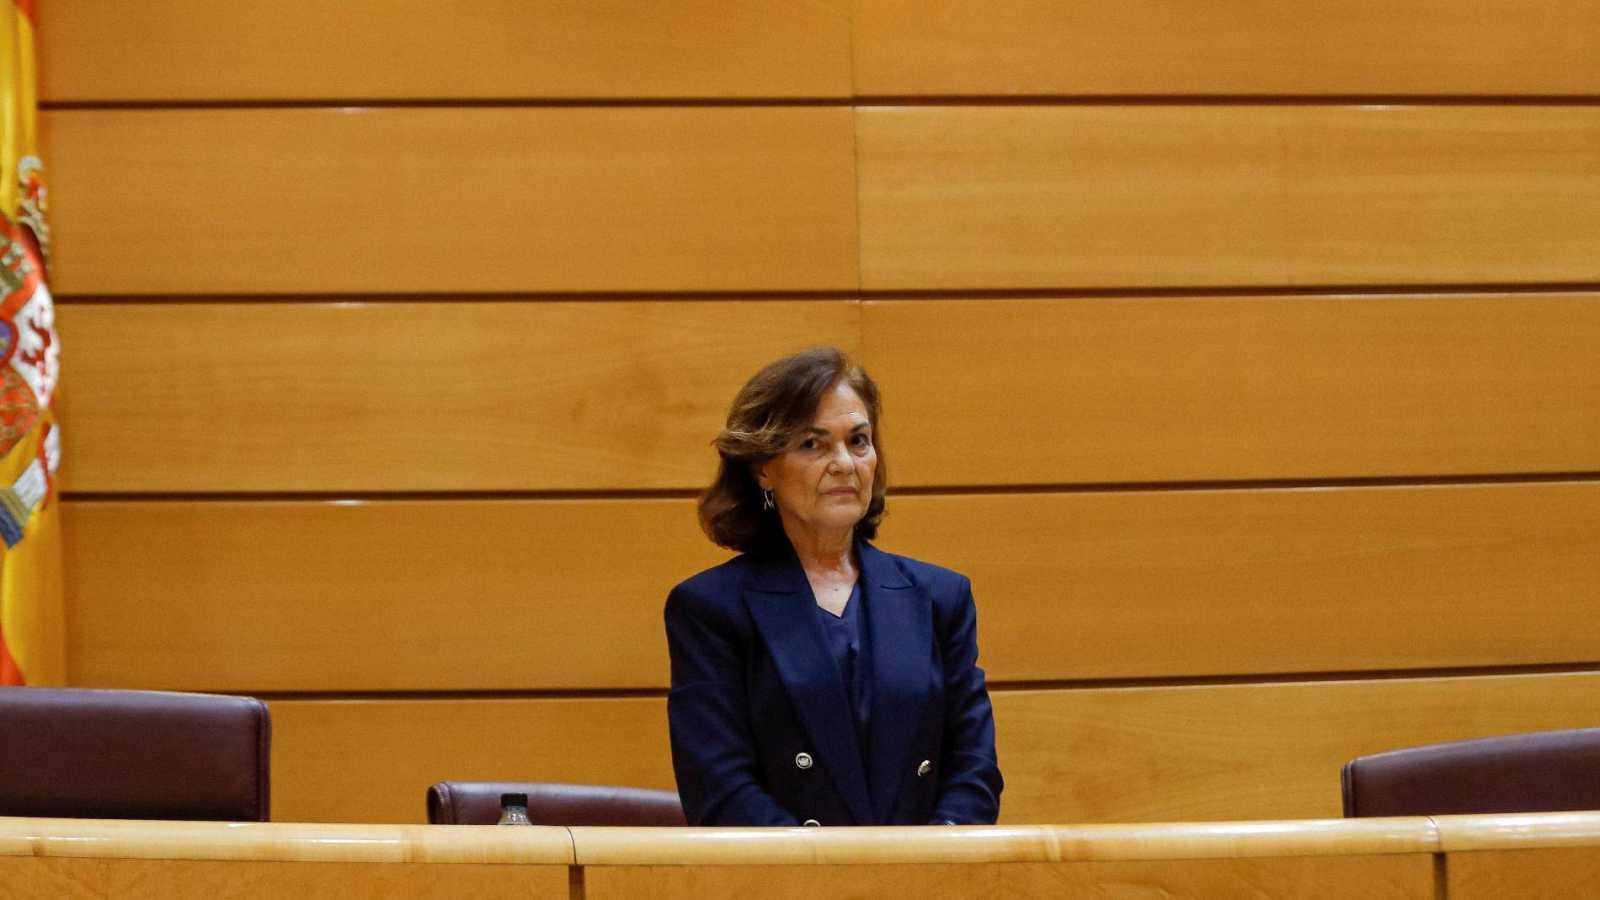 La vicepresidenta primera y ministra de la Presidencia, Relaciones con las Cortes y Memoria Democrática, Carmen Calvo, minutos antes de su comparecencia ante la Comisión Constitucional del Senado